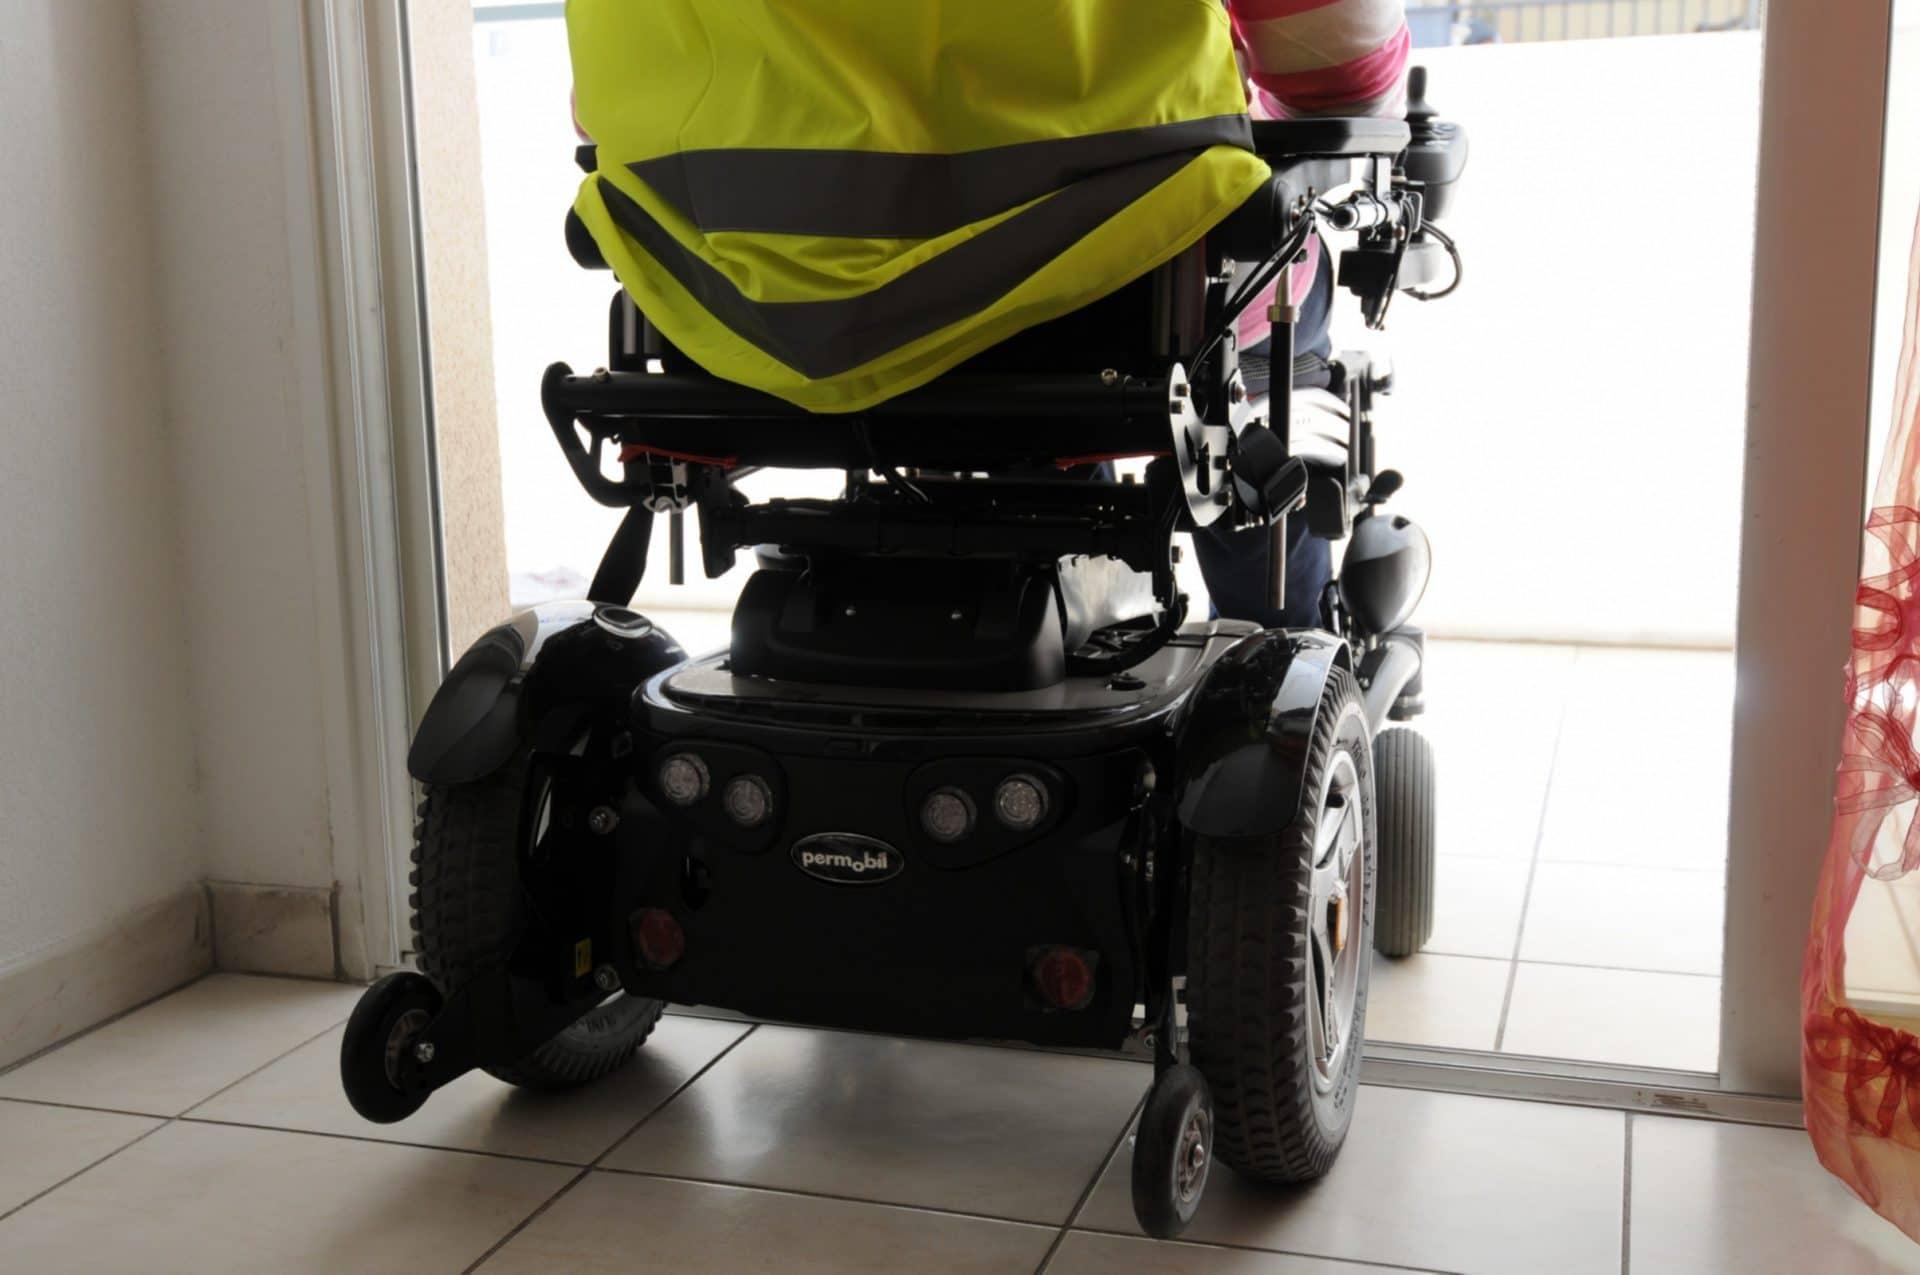 Faciliter l'accès au terrasse des personnes en situation de handicap, un exemple d'adaptation des logements à adopter pour un habitat toujours plus inclusif.